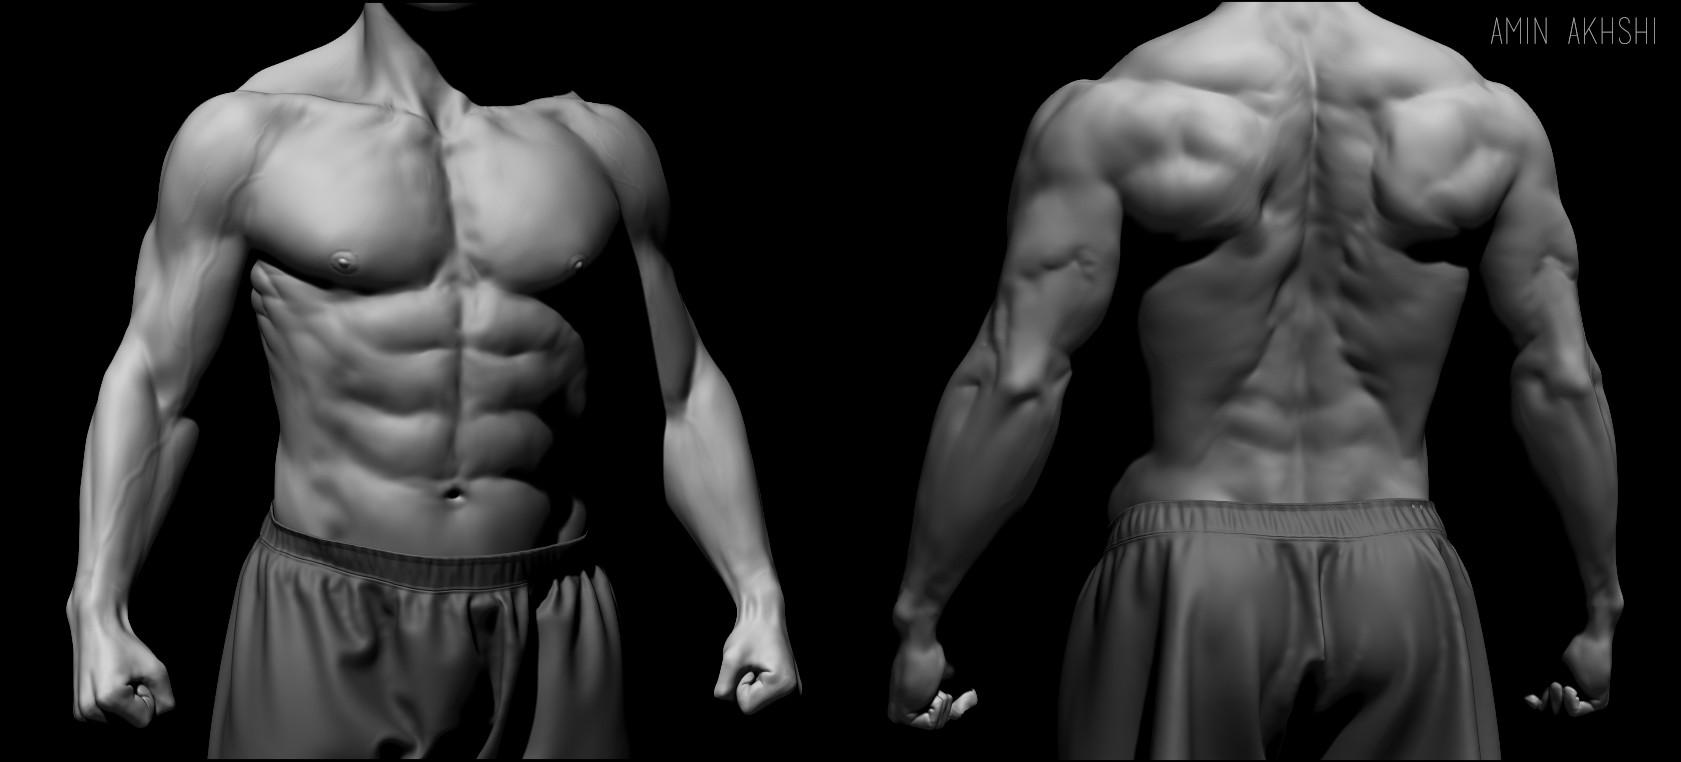 Amin akhshi male torso